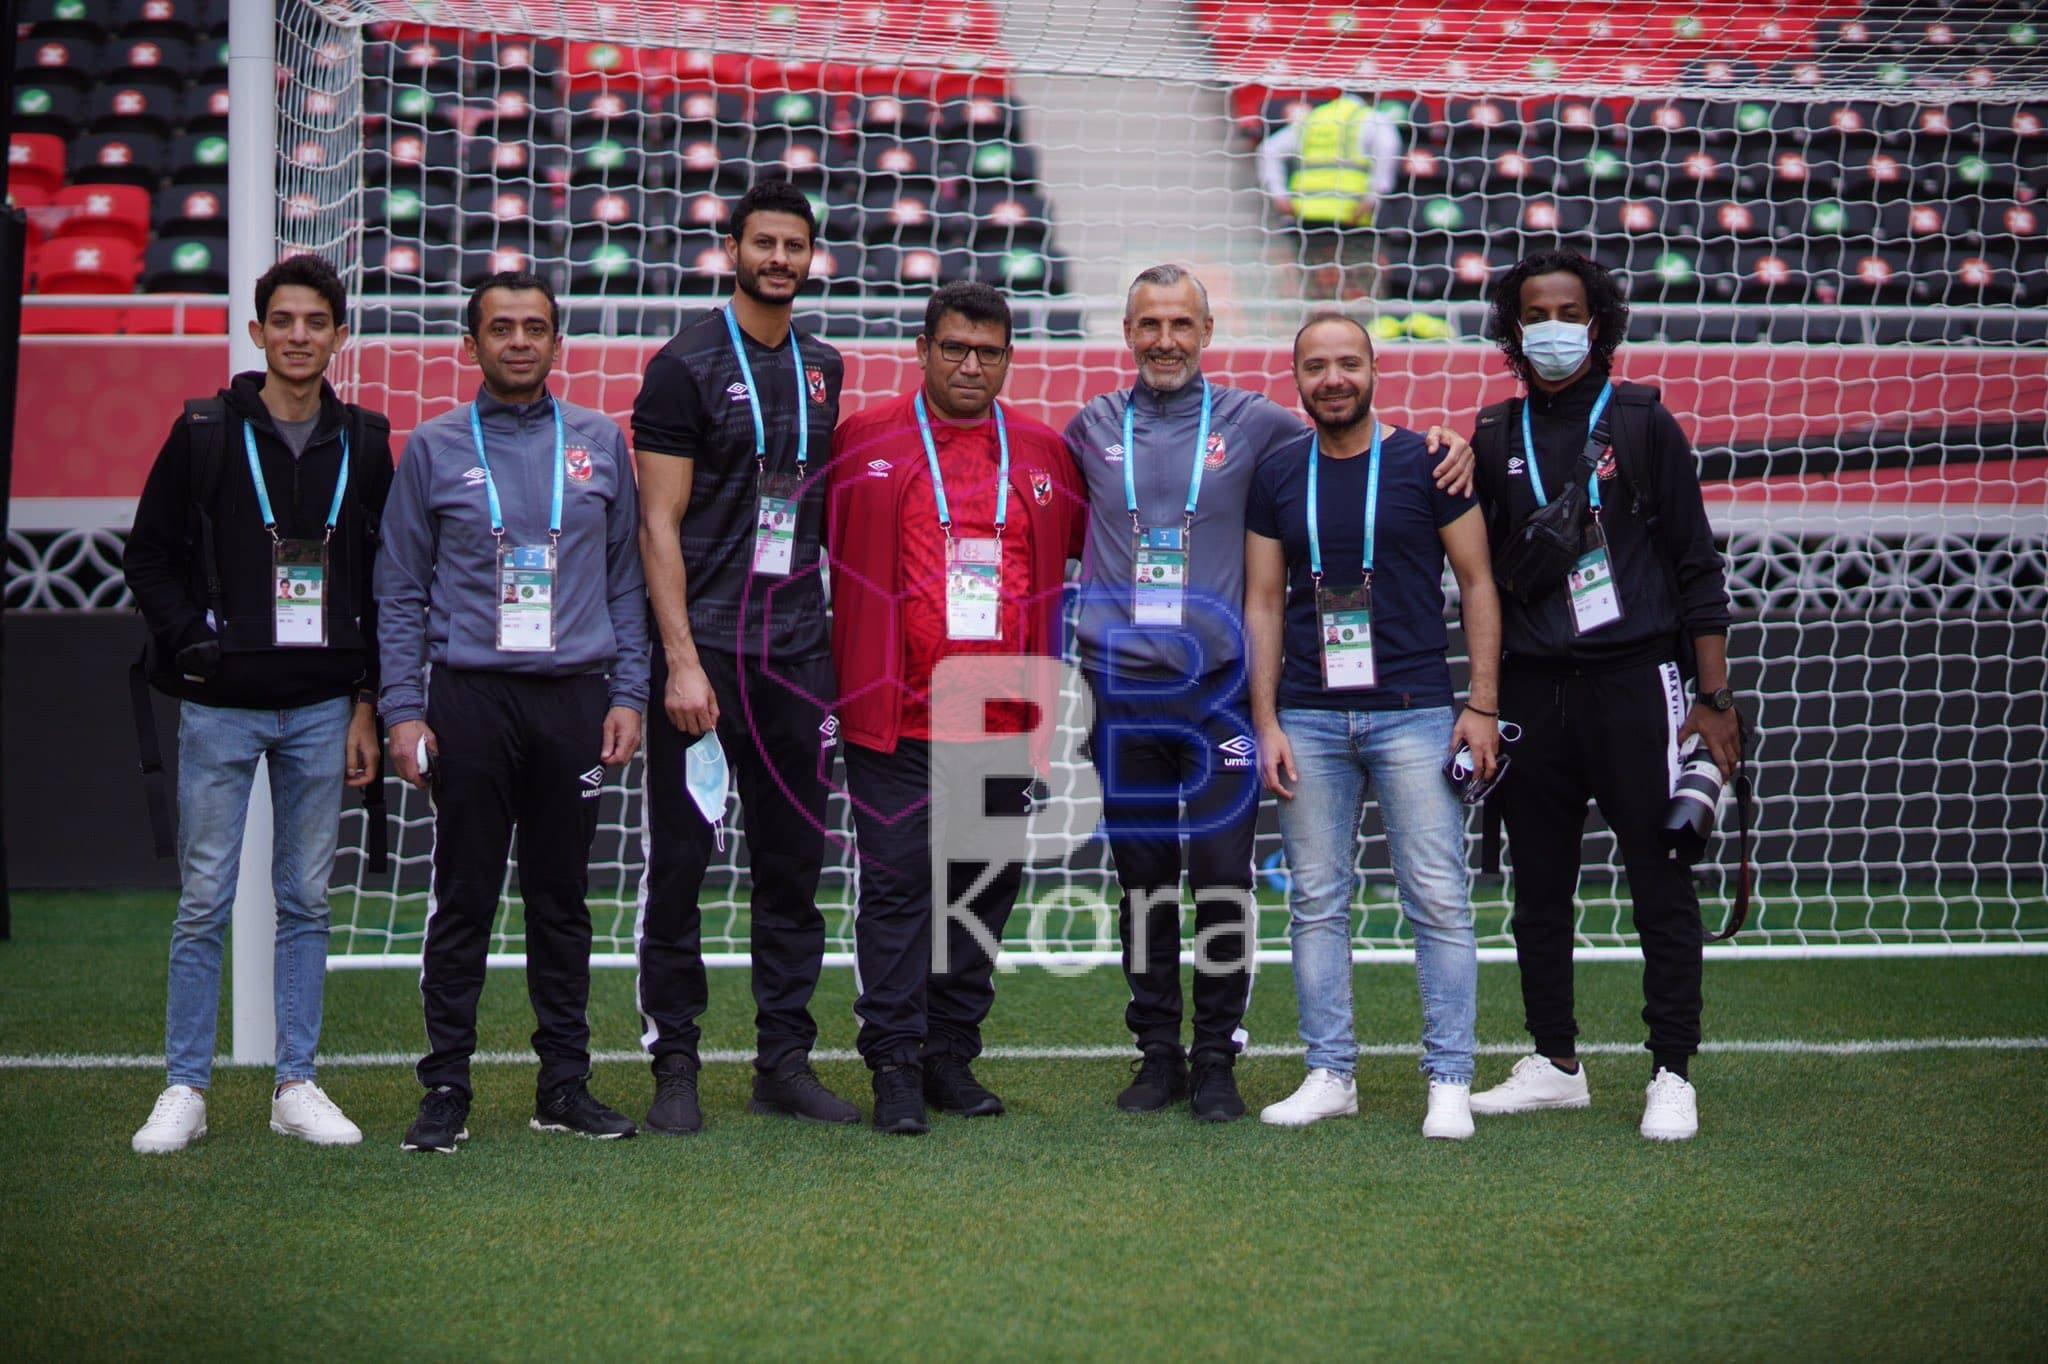 الأهلي يفحص ملعب أحمد بن علي الذي يستضيف مواجهة بايرن ميونخ